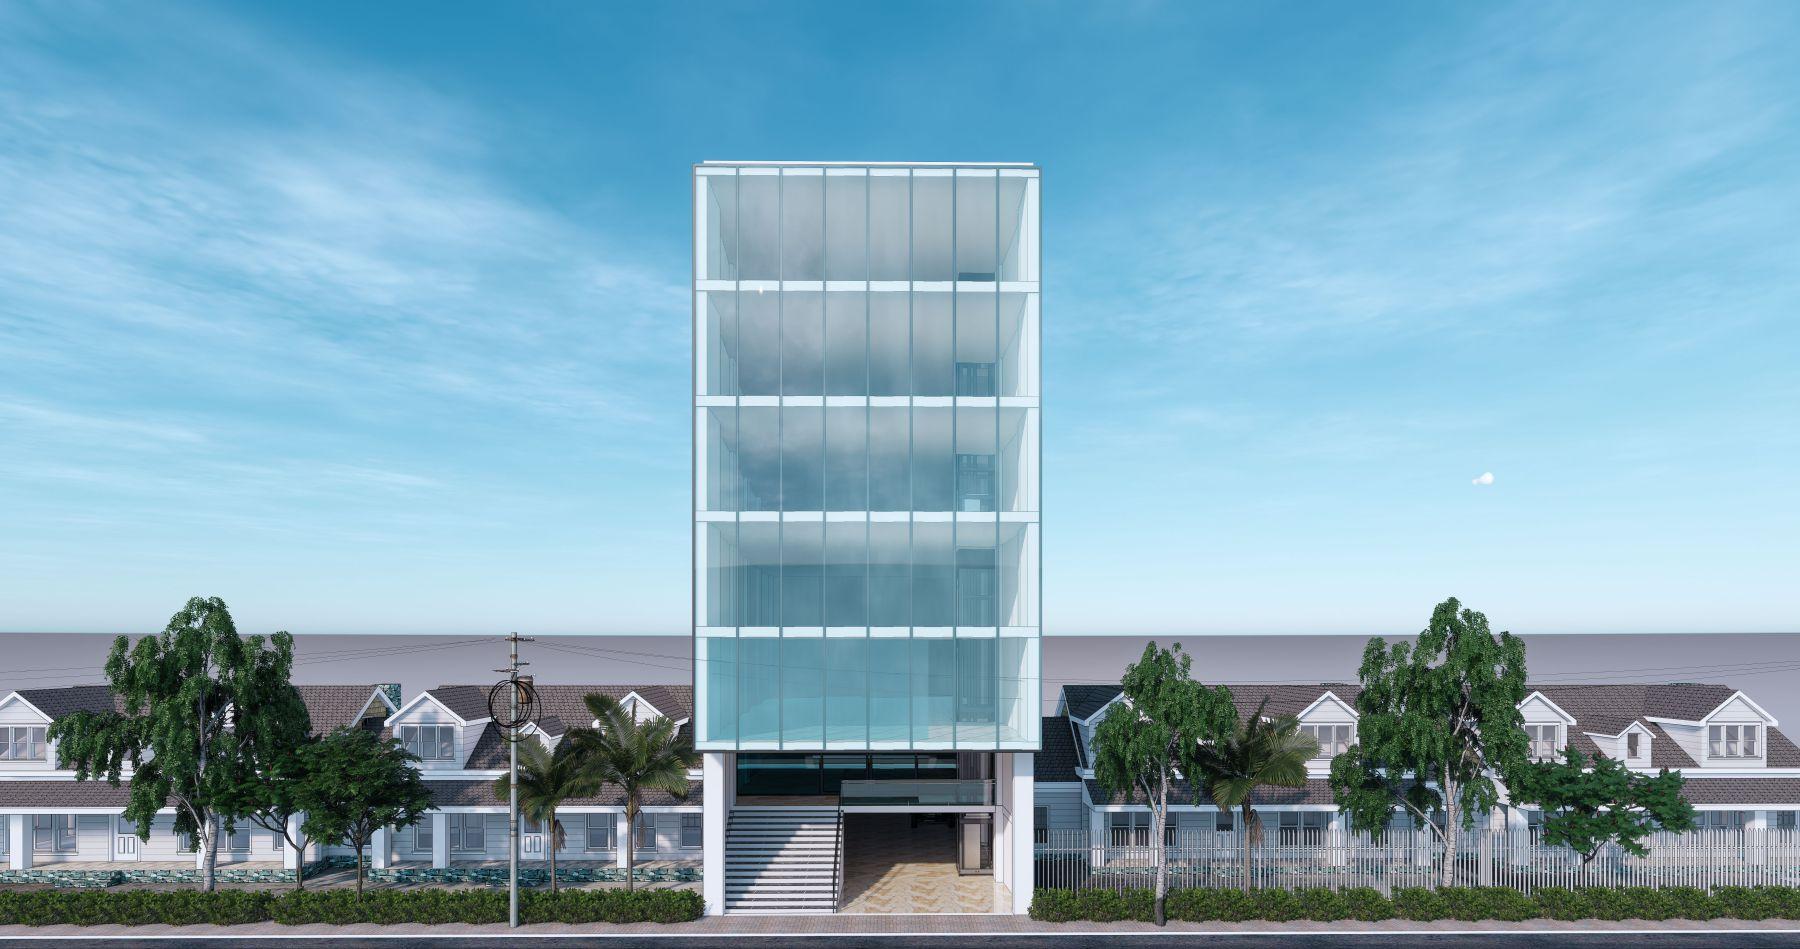 Nhà 7 tầng đẹp và hiện đại ở Quảng Ninh